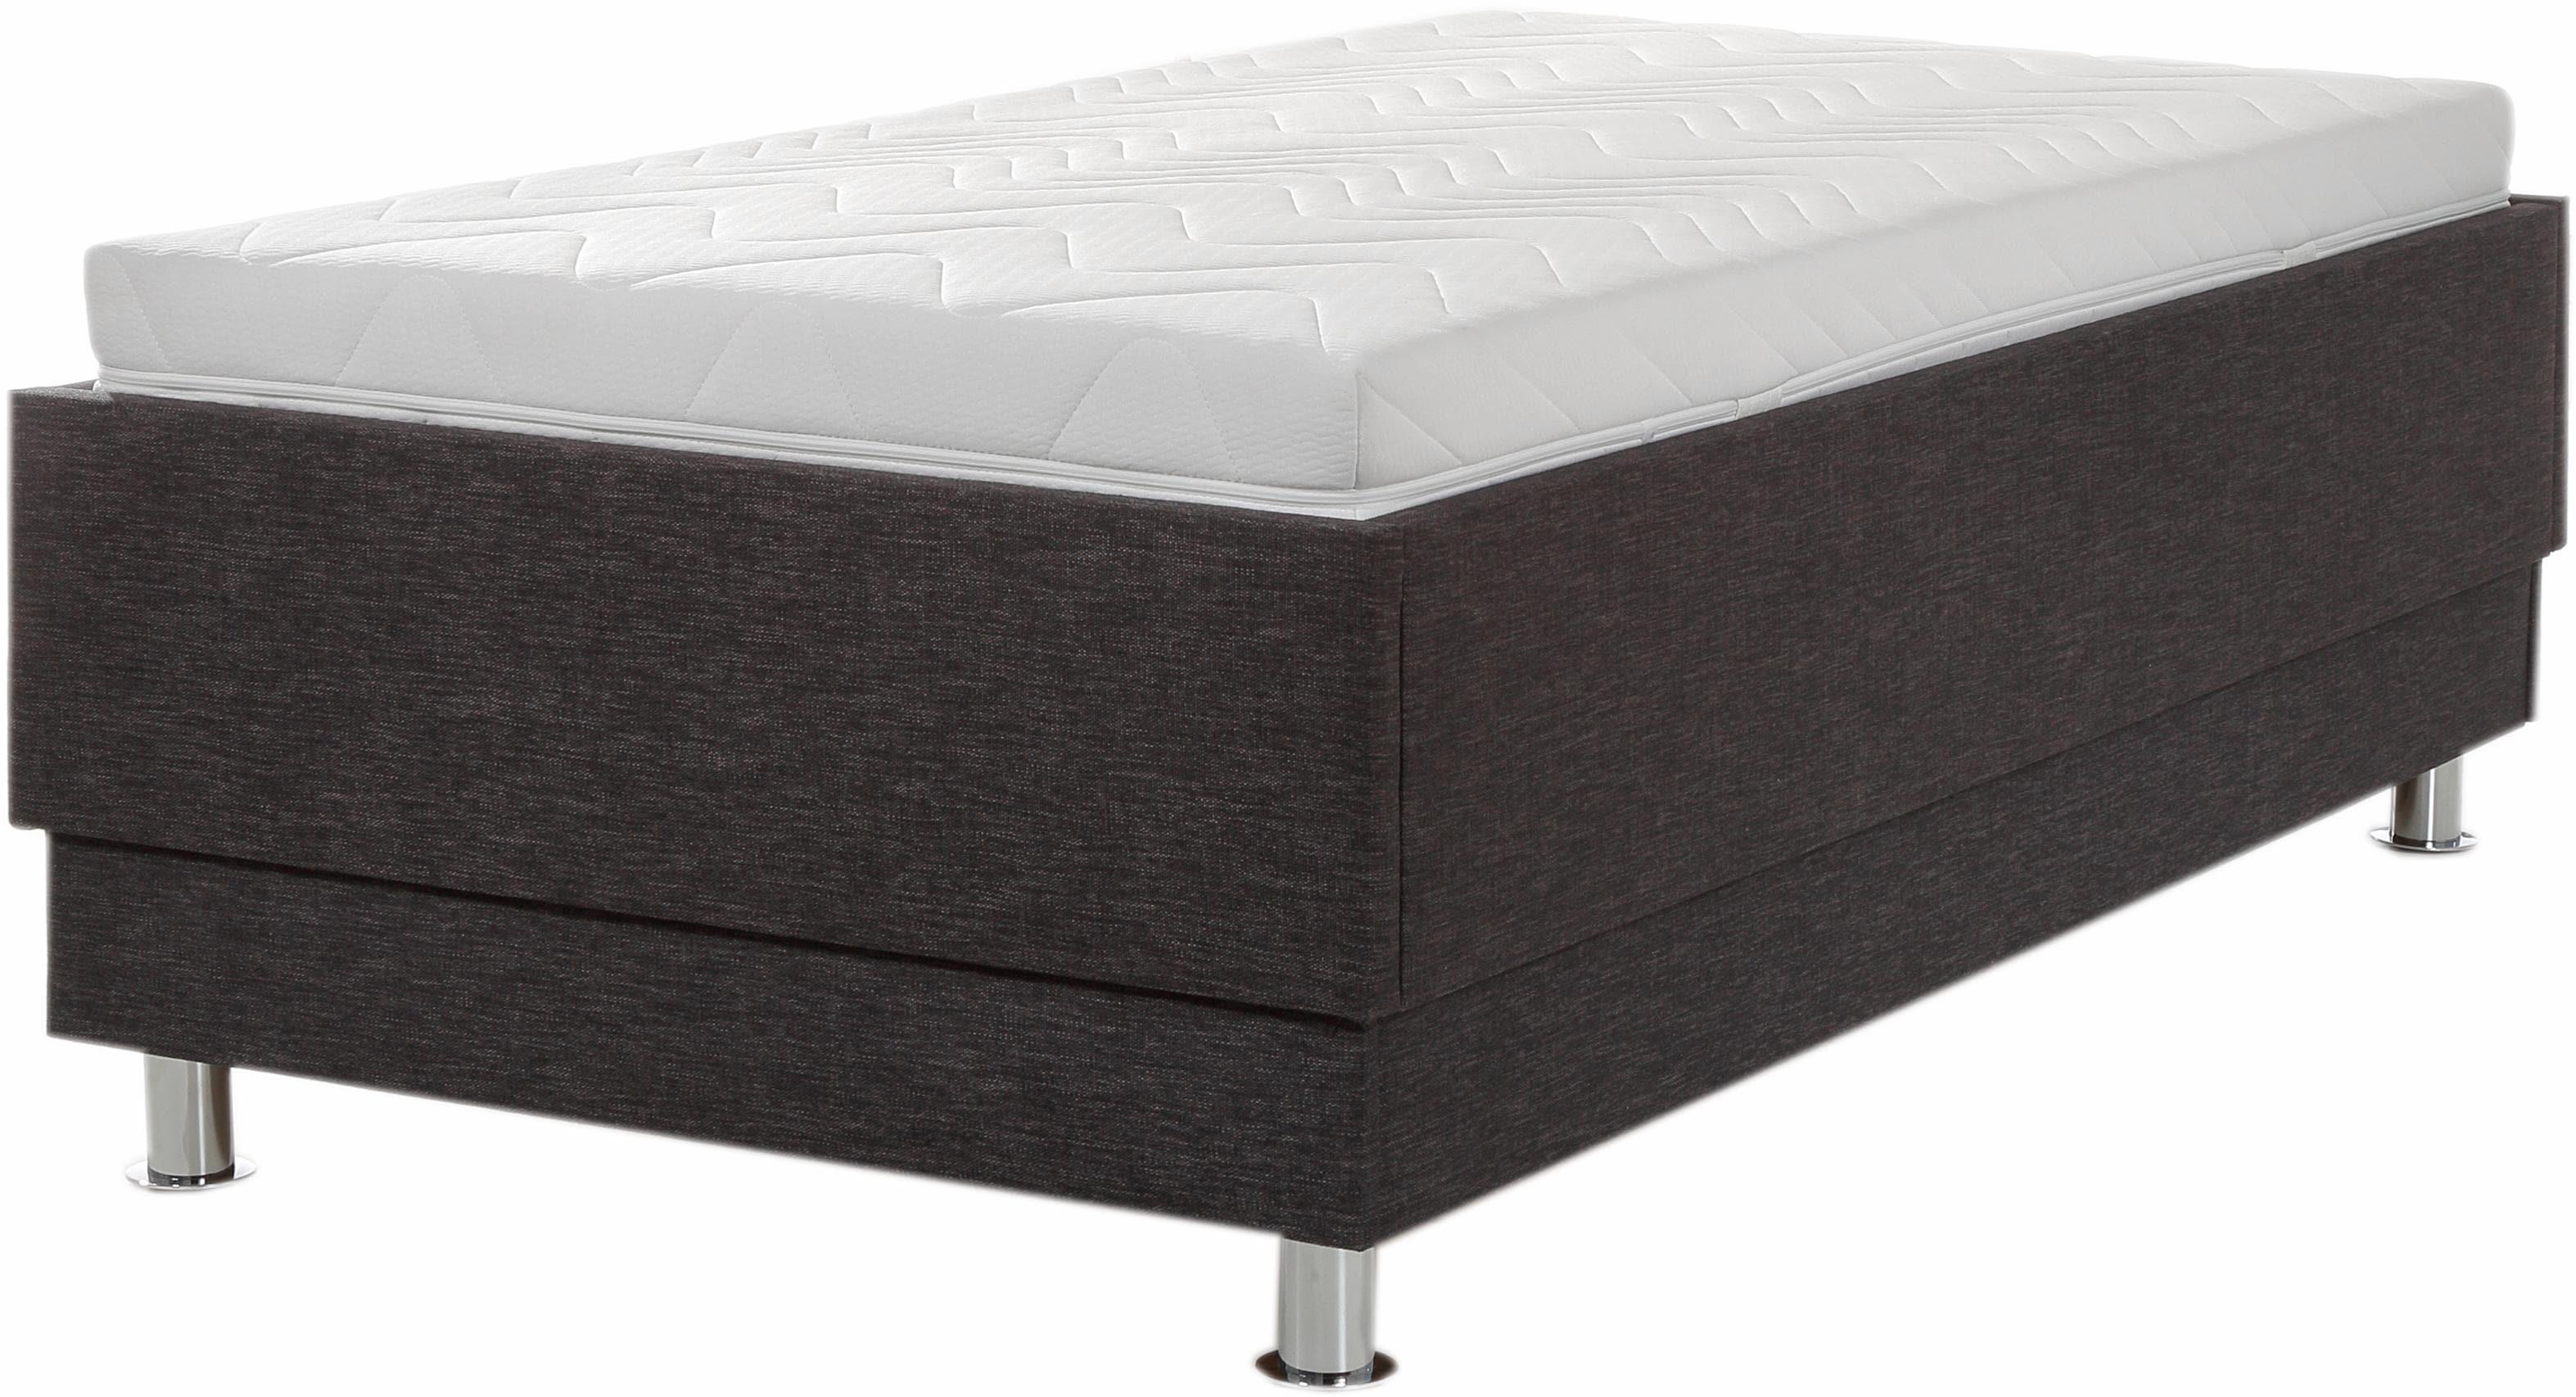 Breckle Polsterbett   Schlafzimmer > Betten > Polsterbetten   Grau   Strukturstoff   Breckle